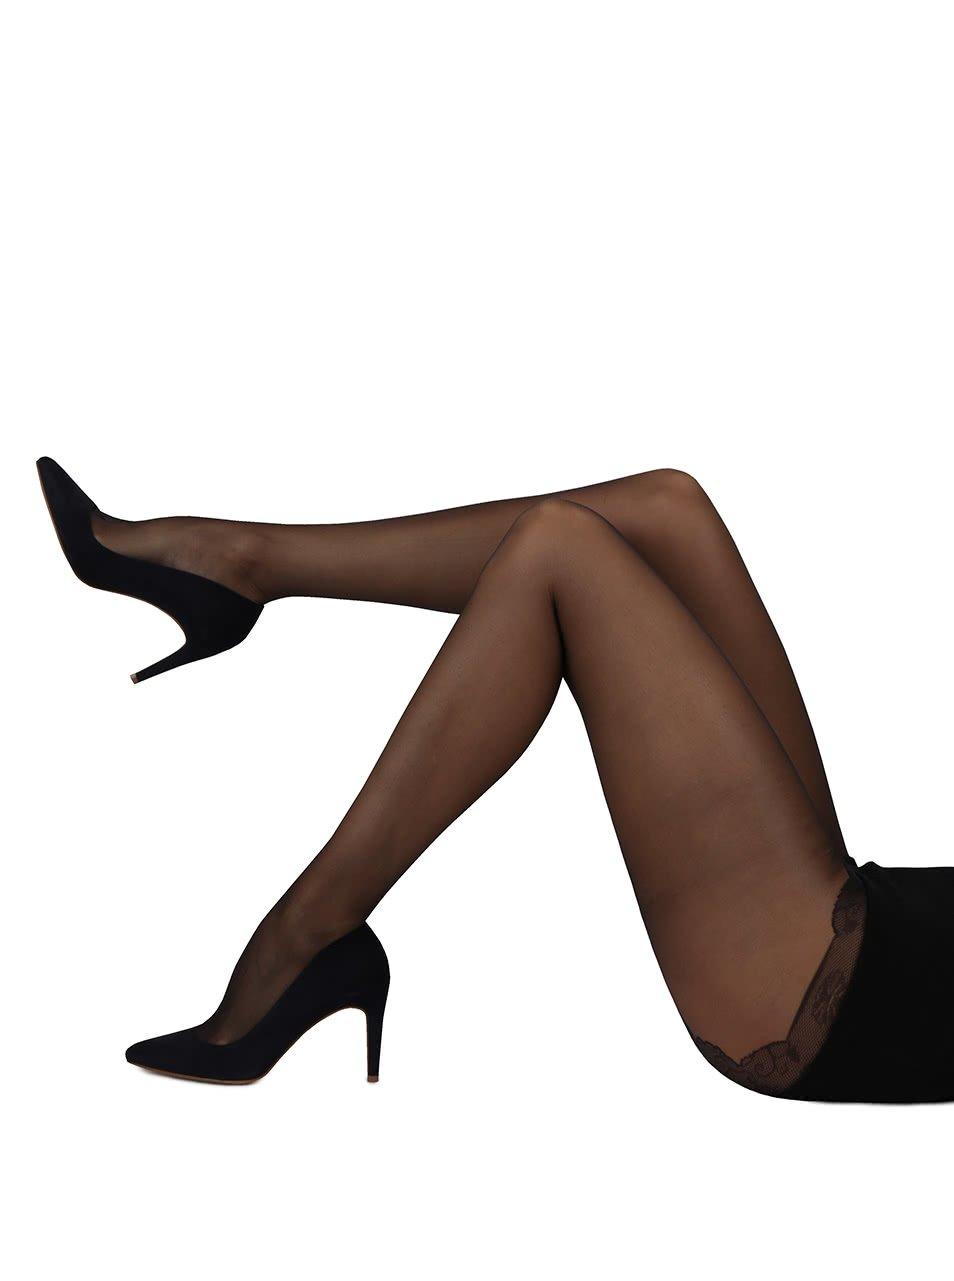 Černé lesklé punčochy Gipsy Soft shine 10 DEN